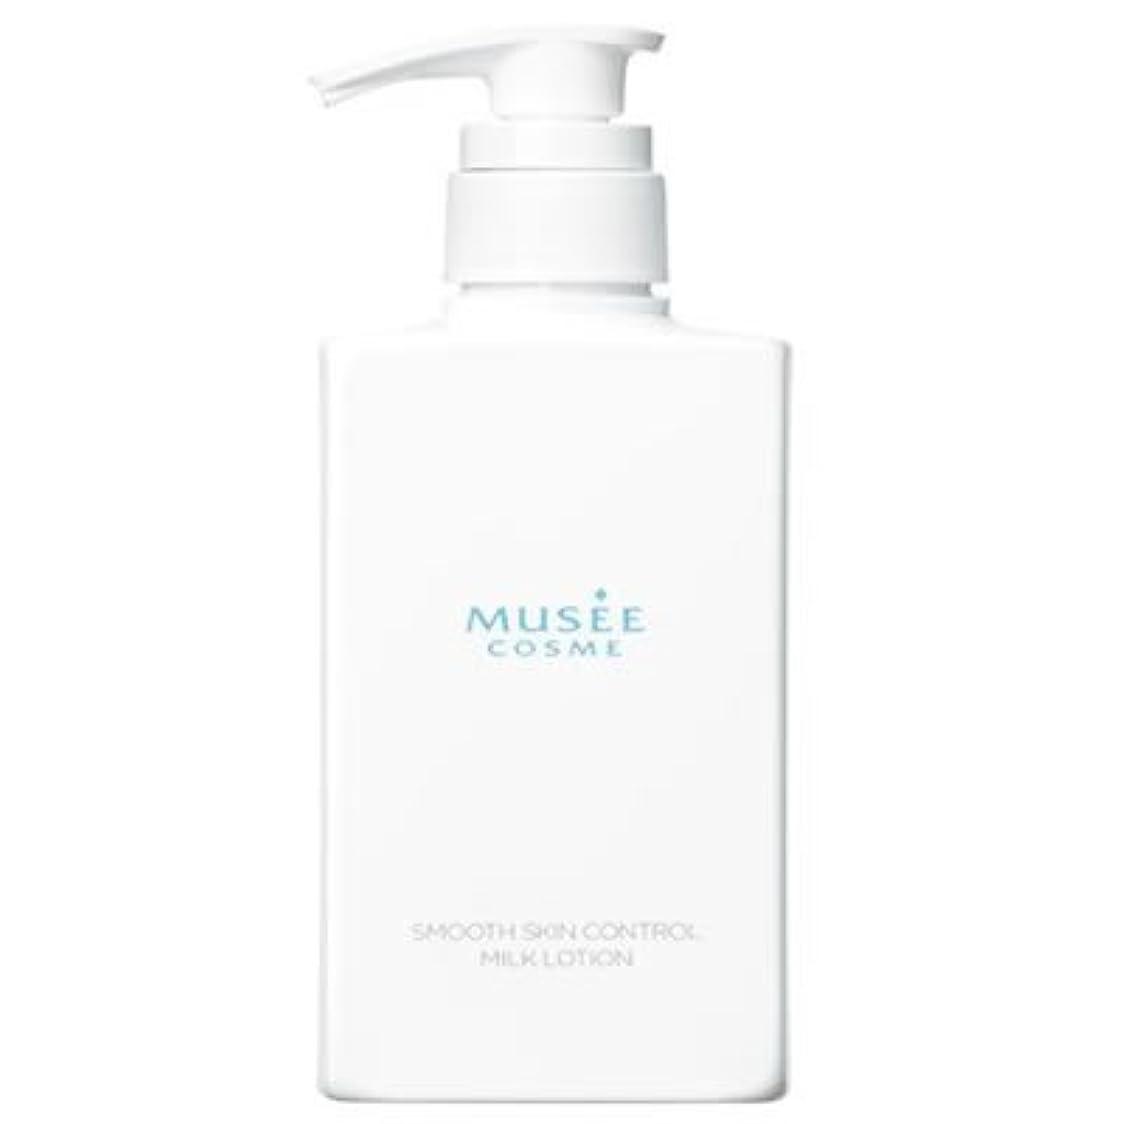 メタルラインファイアル欺くミュゼ 薬用スムーススキンコントロールミルクローション 300ml スイートイランイランの香り